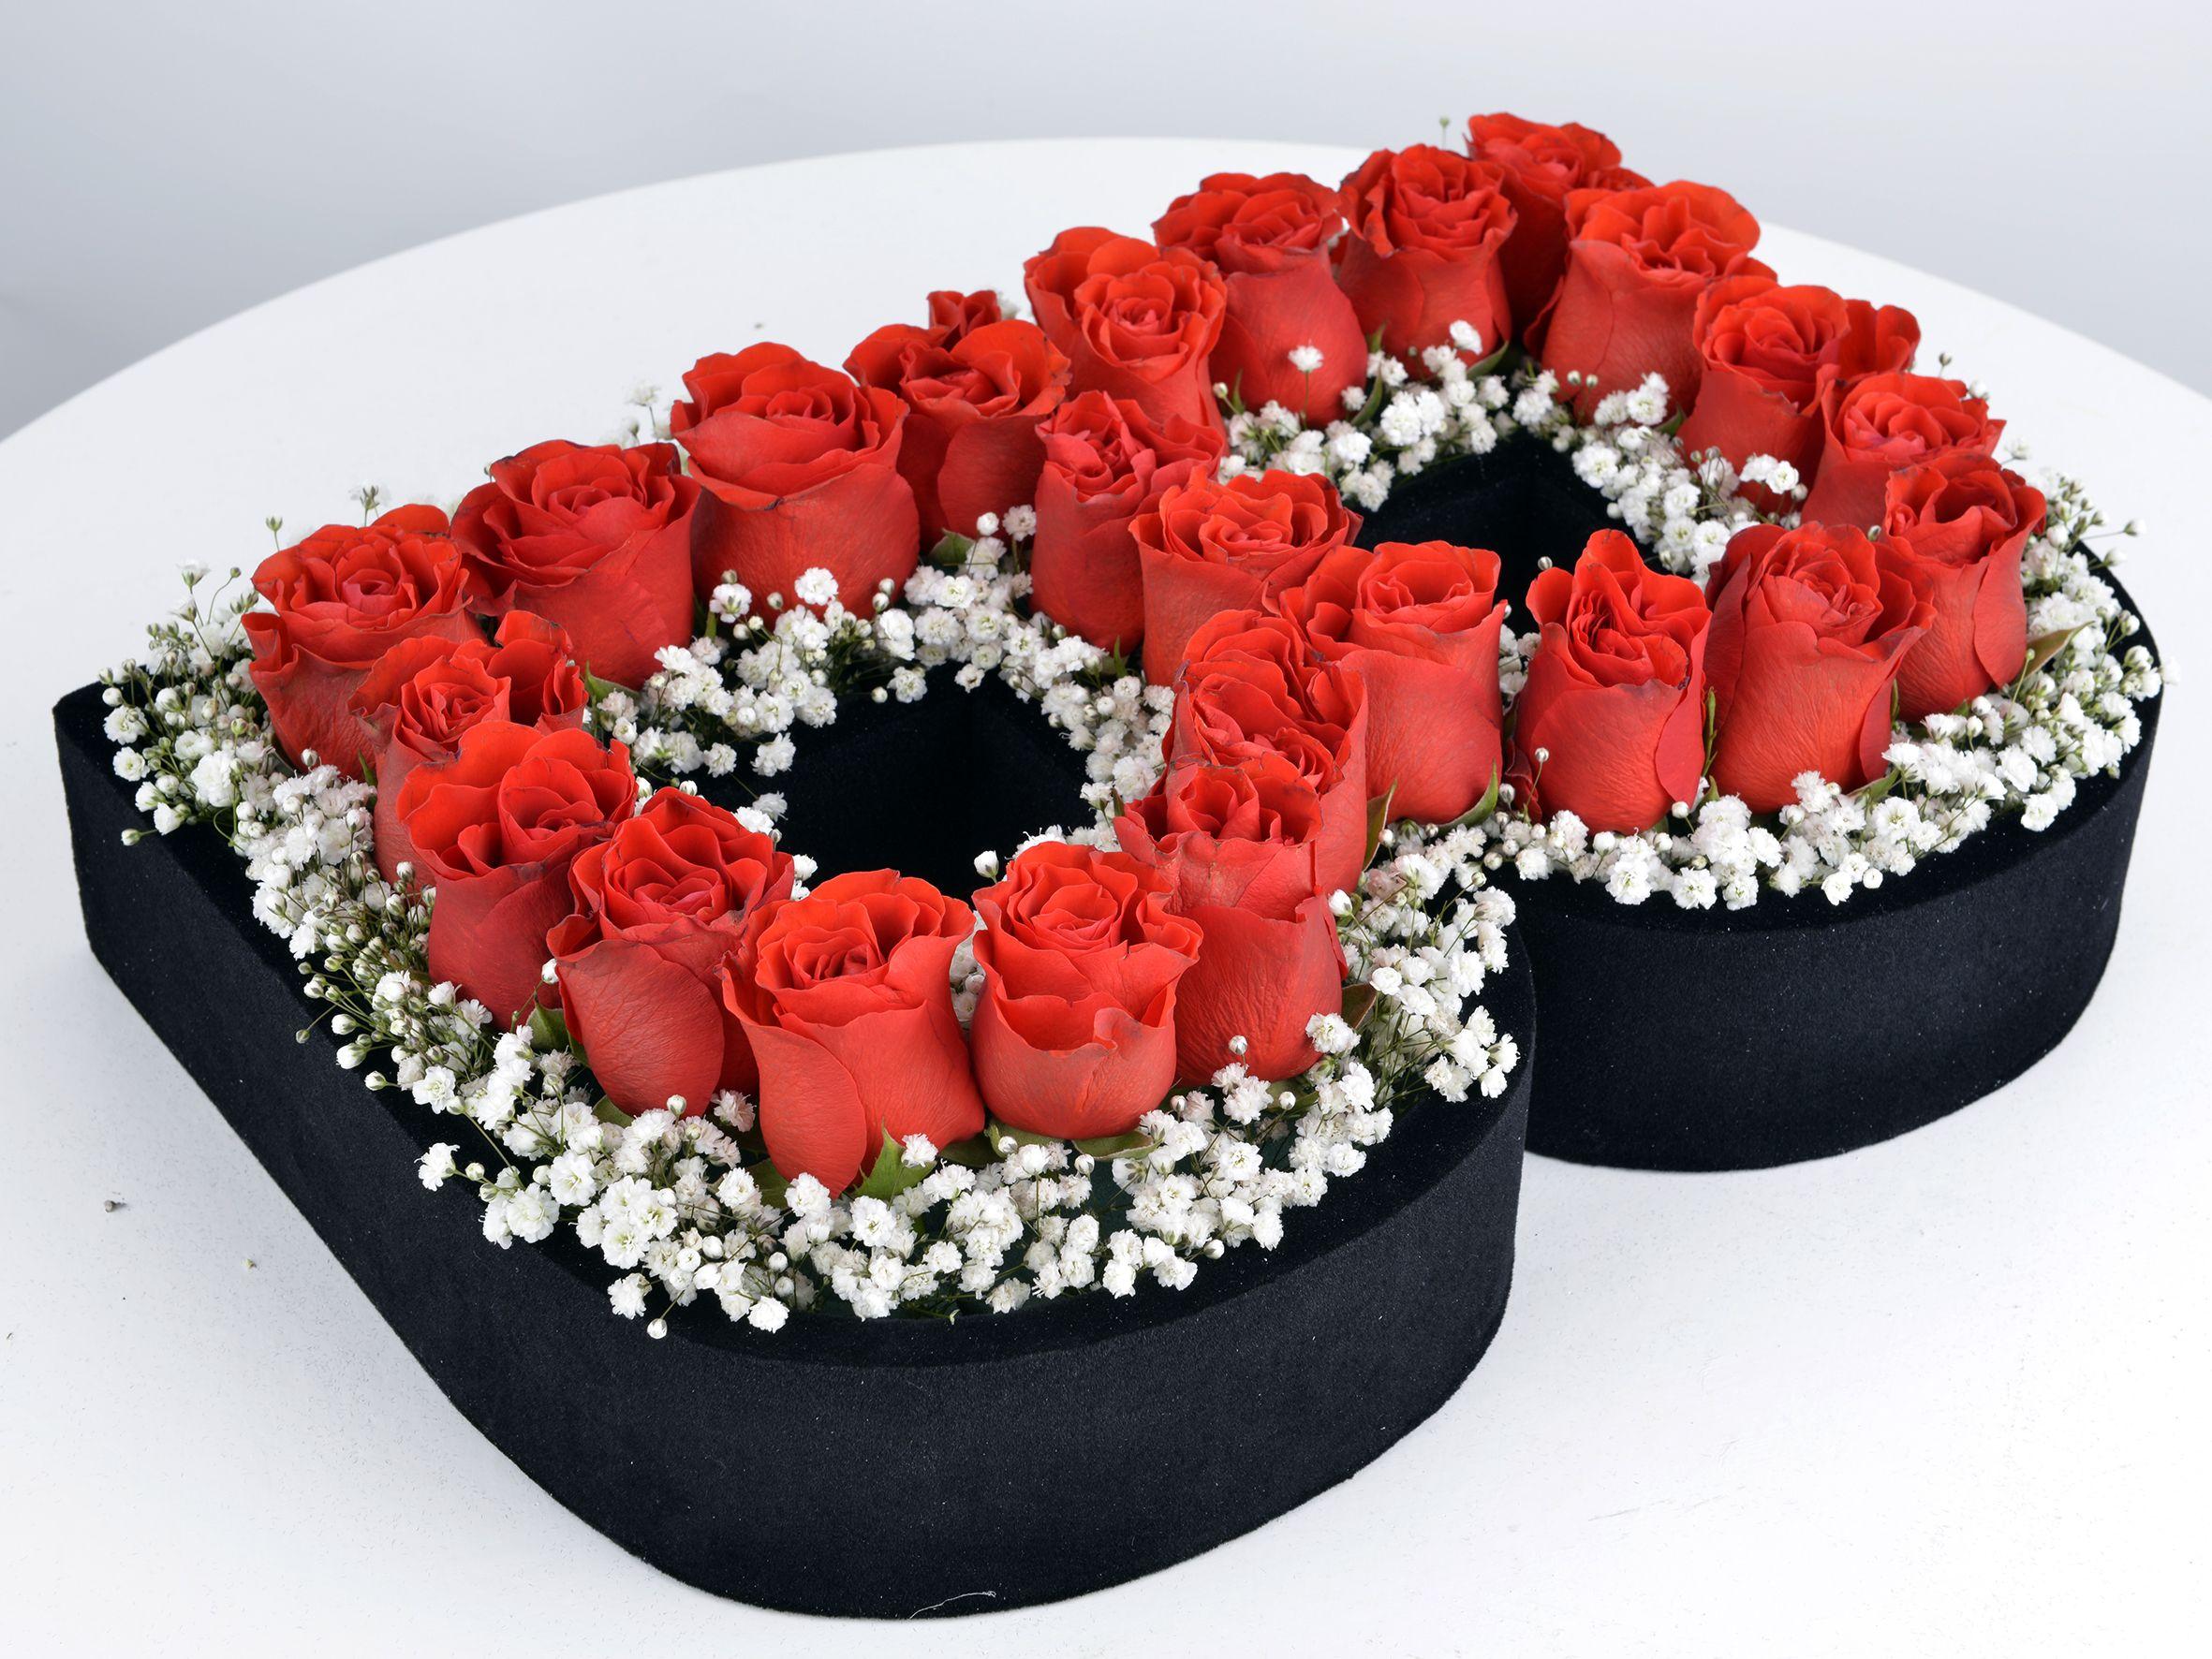 Kişiye Özel Kırmızı Güllerden Baş Harf Harfli Çiçek çiçek gönder